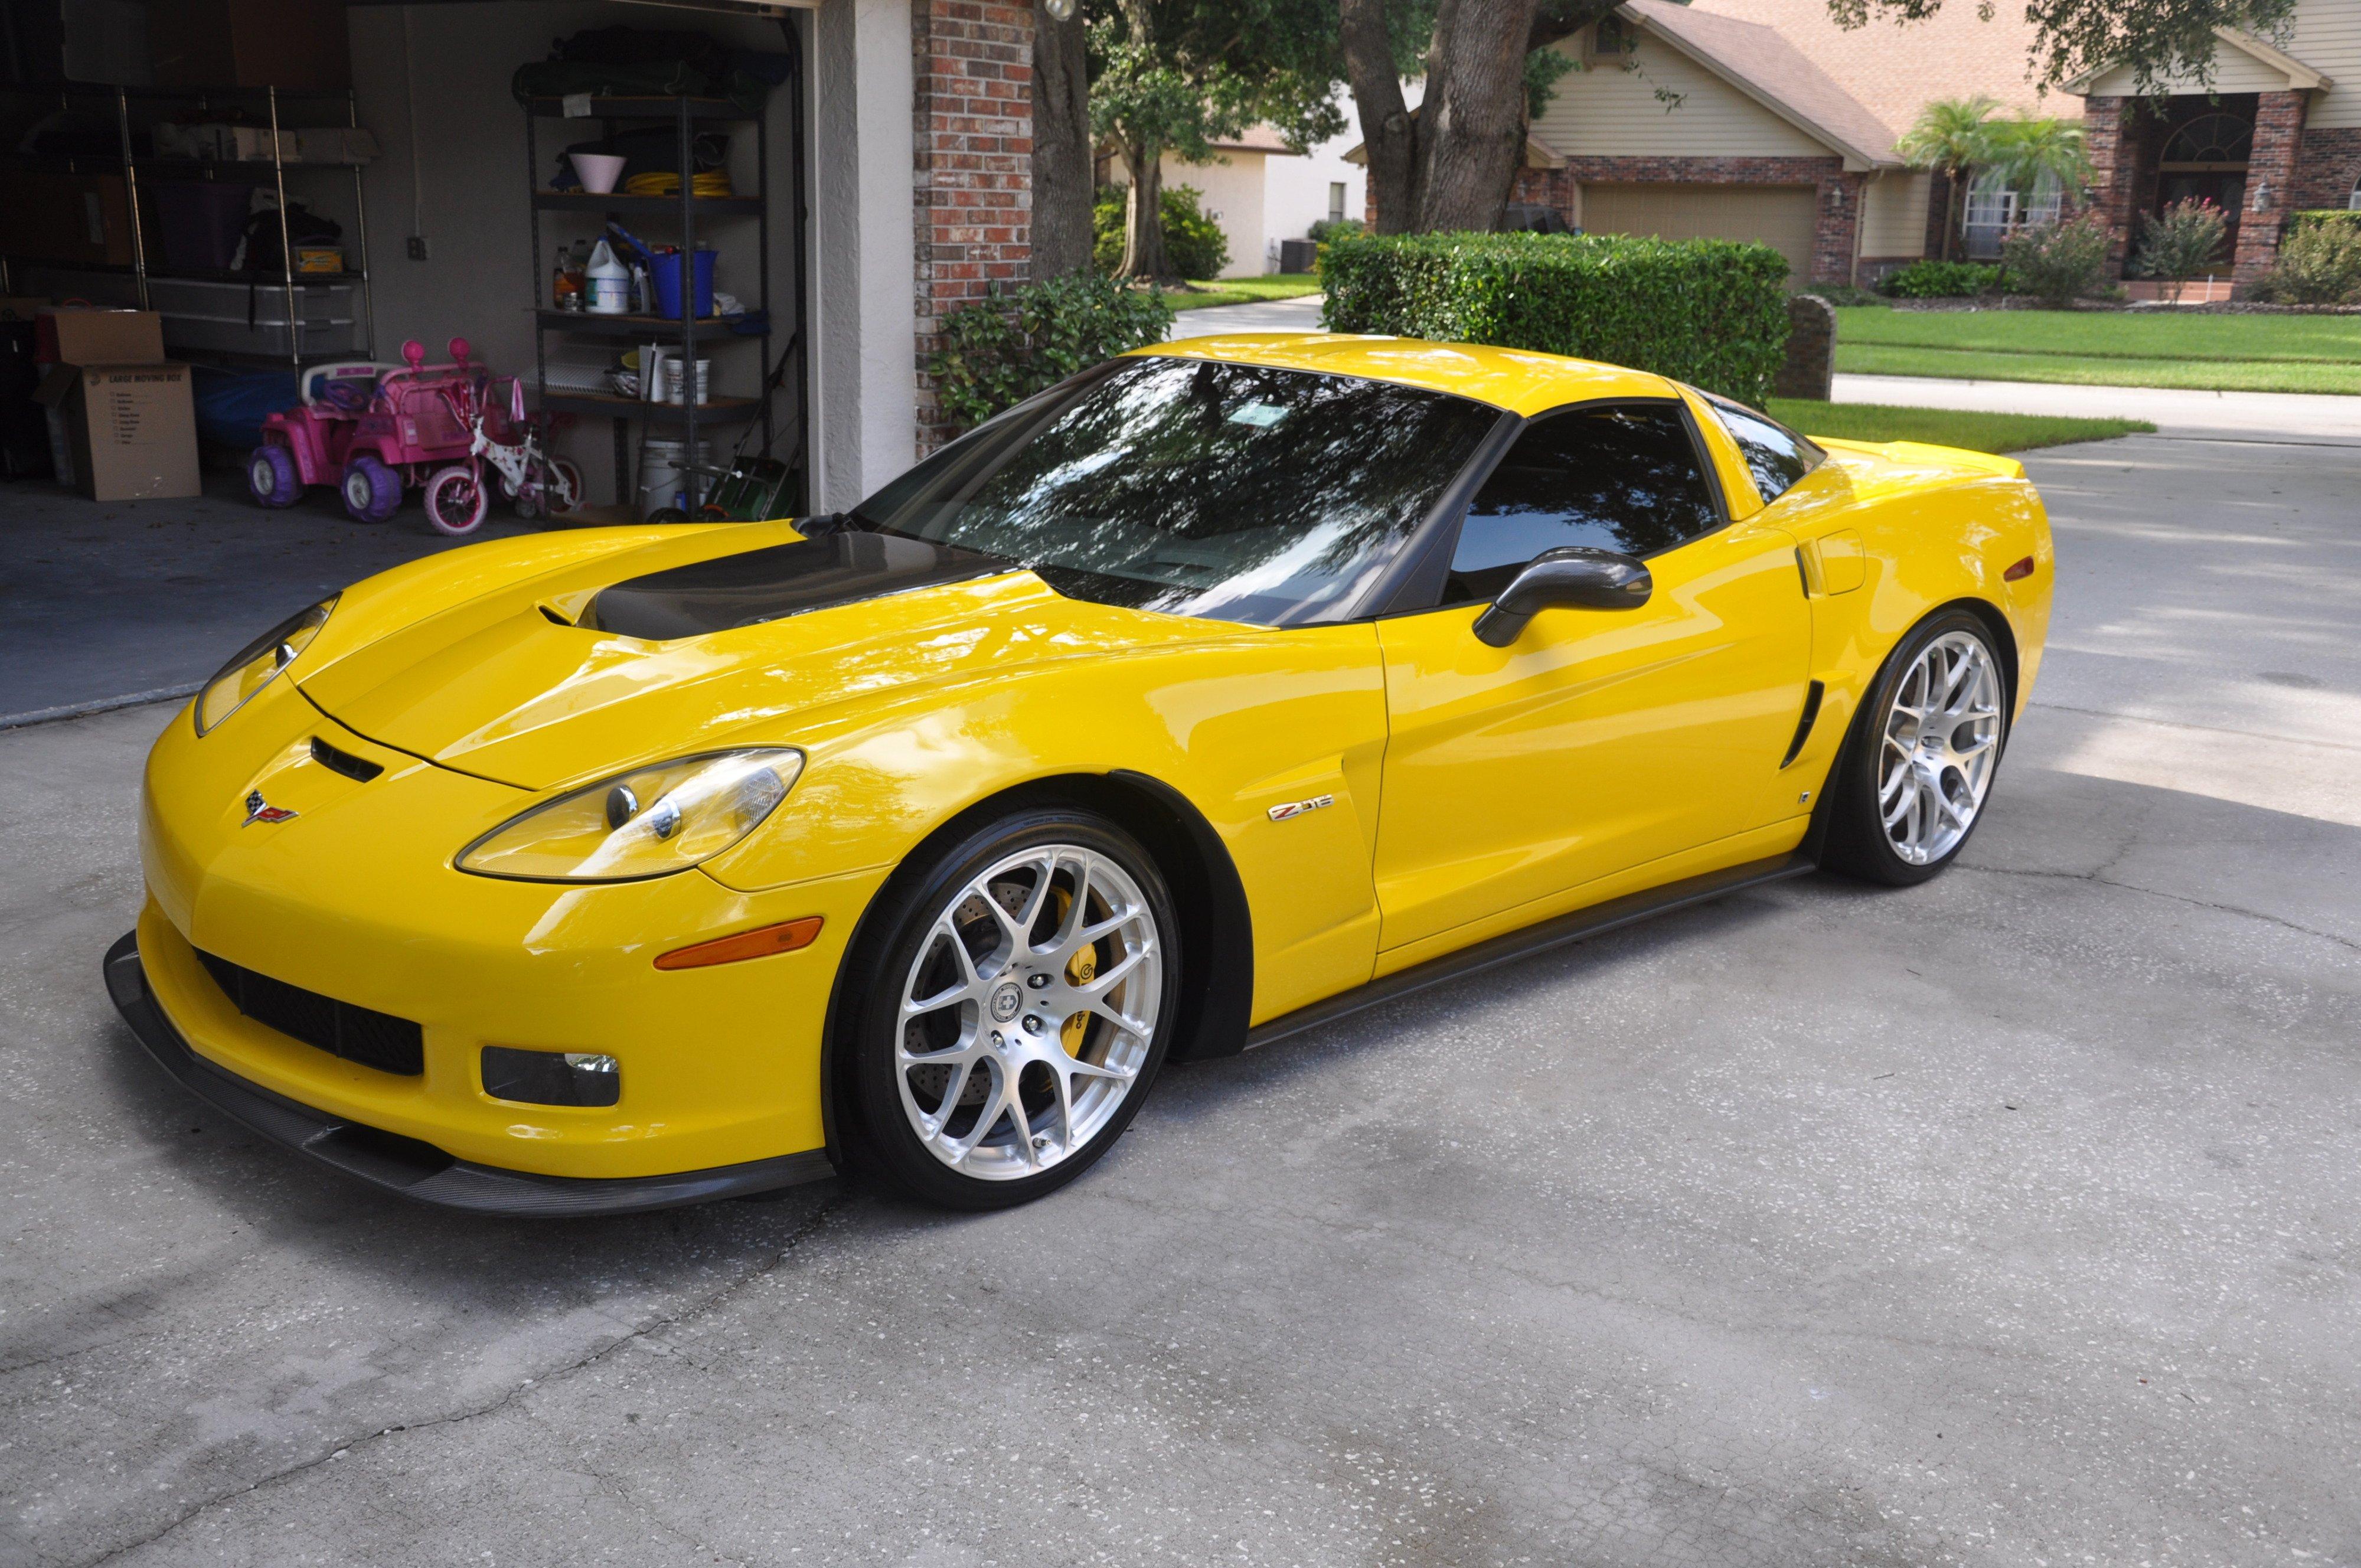 C6 corvette wallpaper wallpapersafari - Corvette c6 wallpaper ...